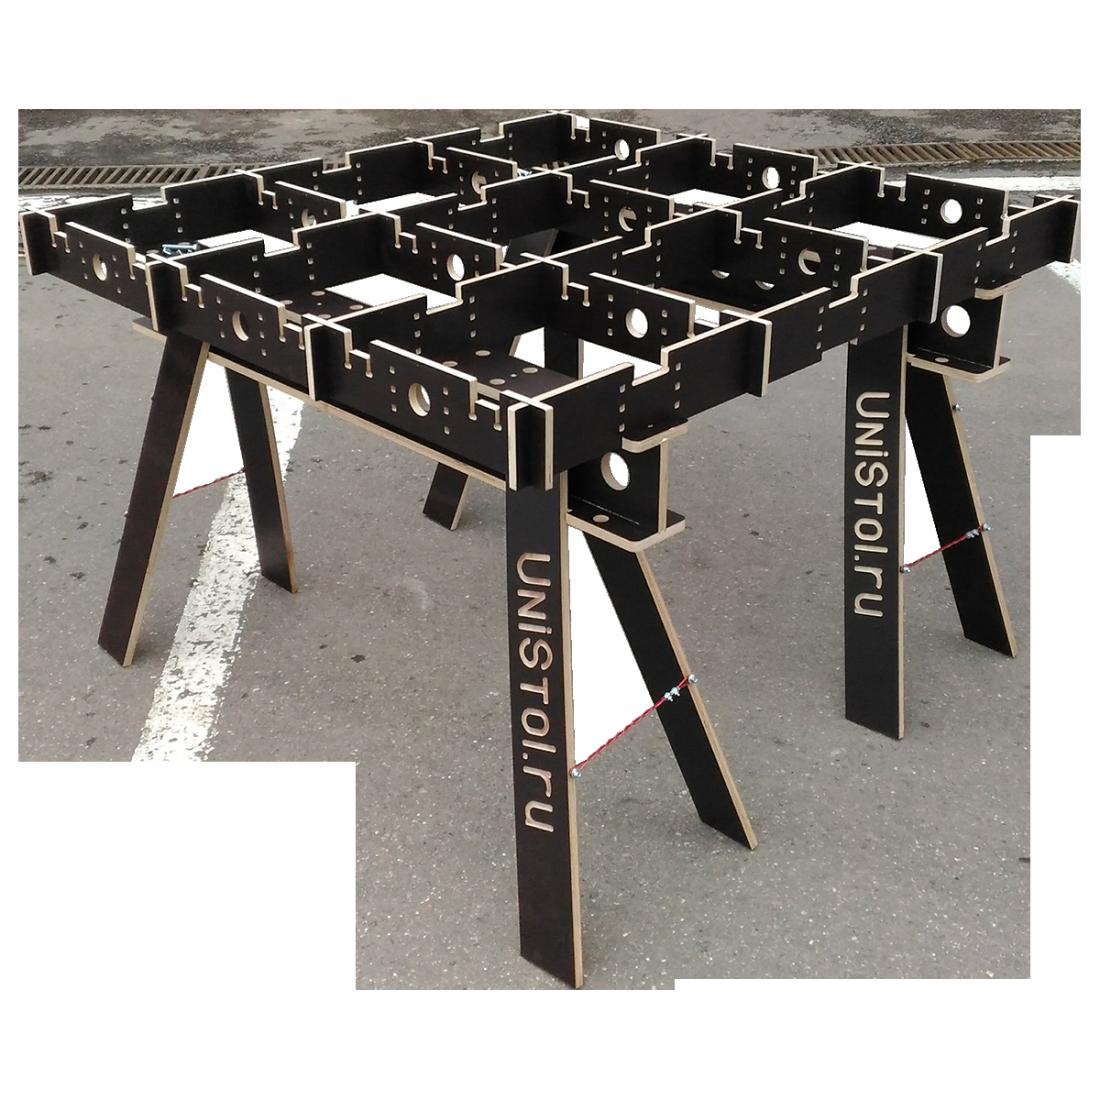 Ячеистый стол для раскроя листовых материалов 1200x1200 мм без столешницы